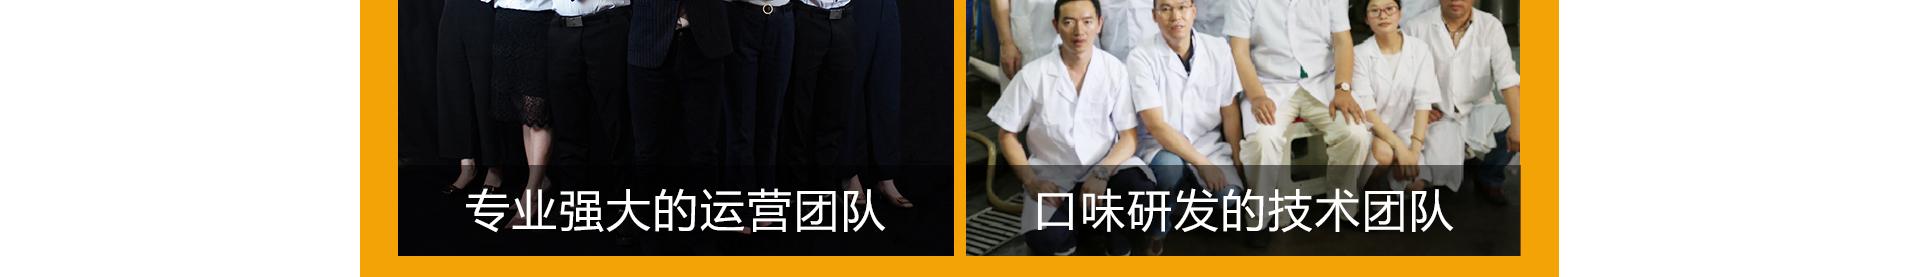 川小喵酸菜鱼cxm_21